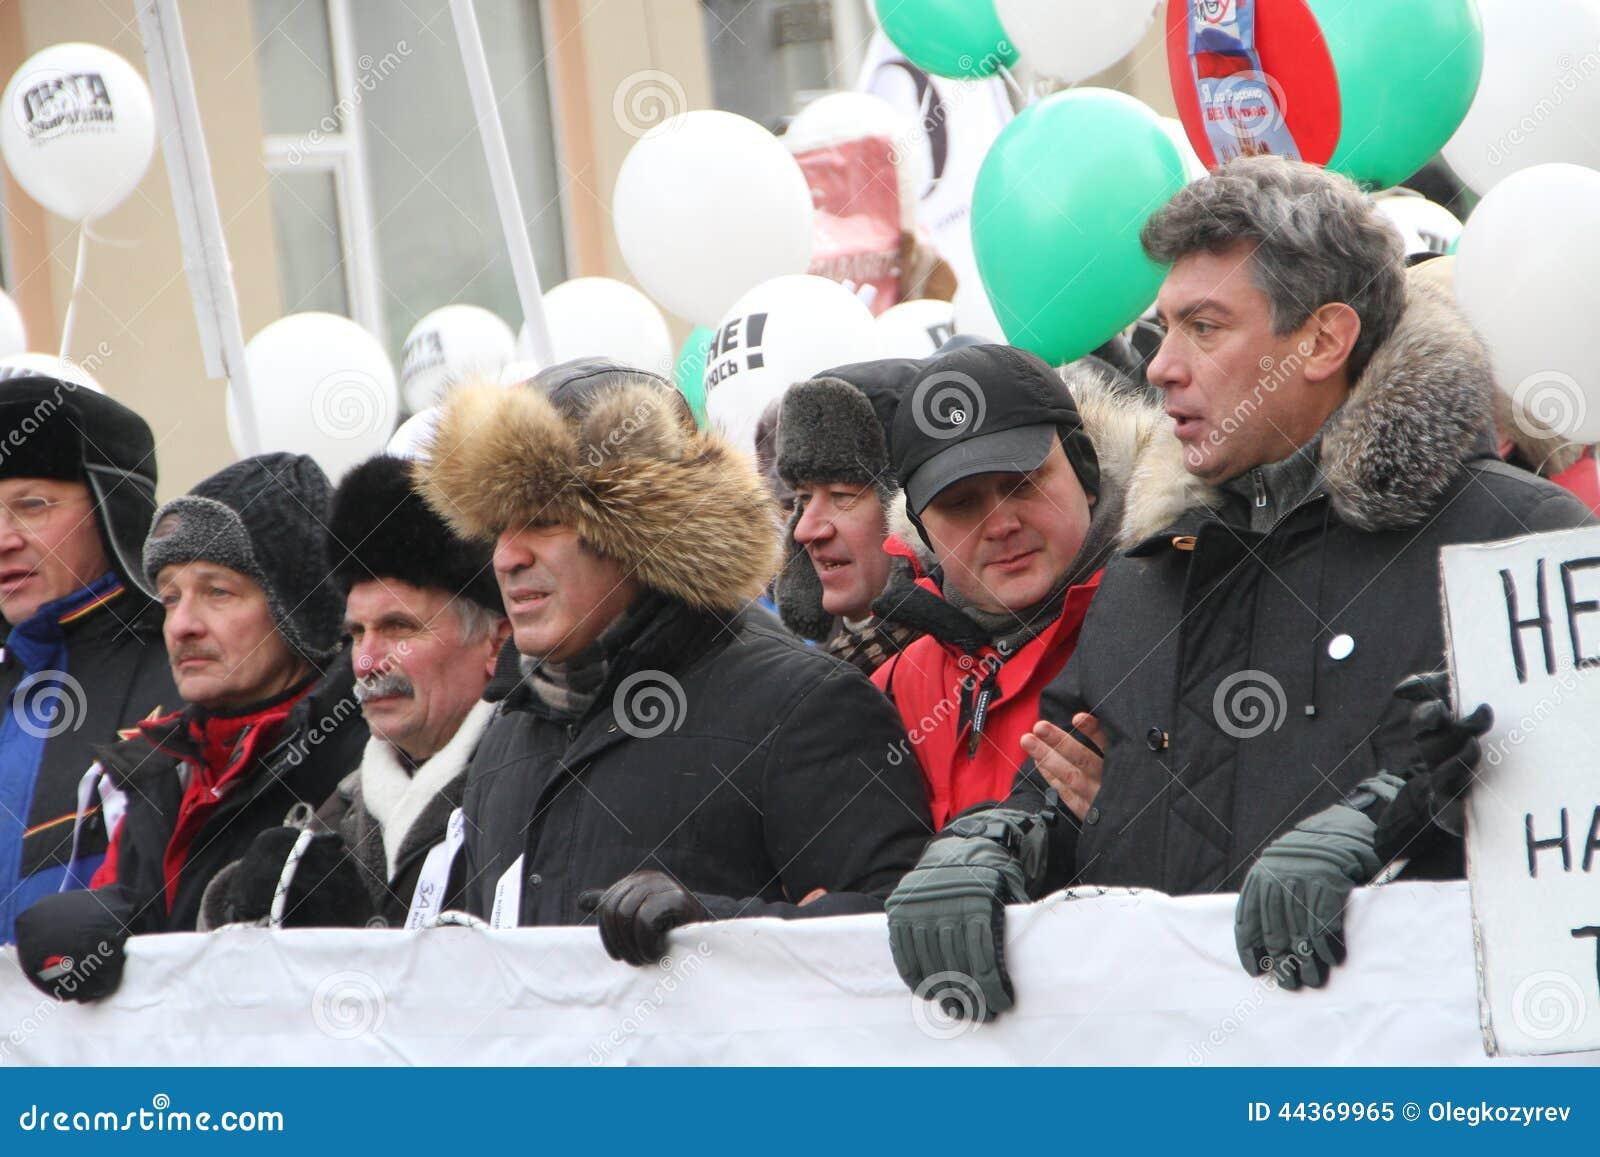 Ryzhkov, Aleksashenko, Kasparov e Nemtsov sul